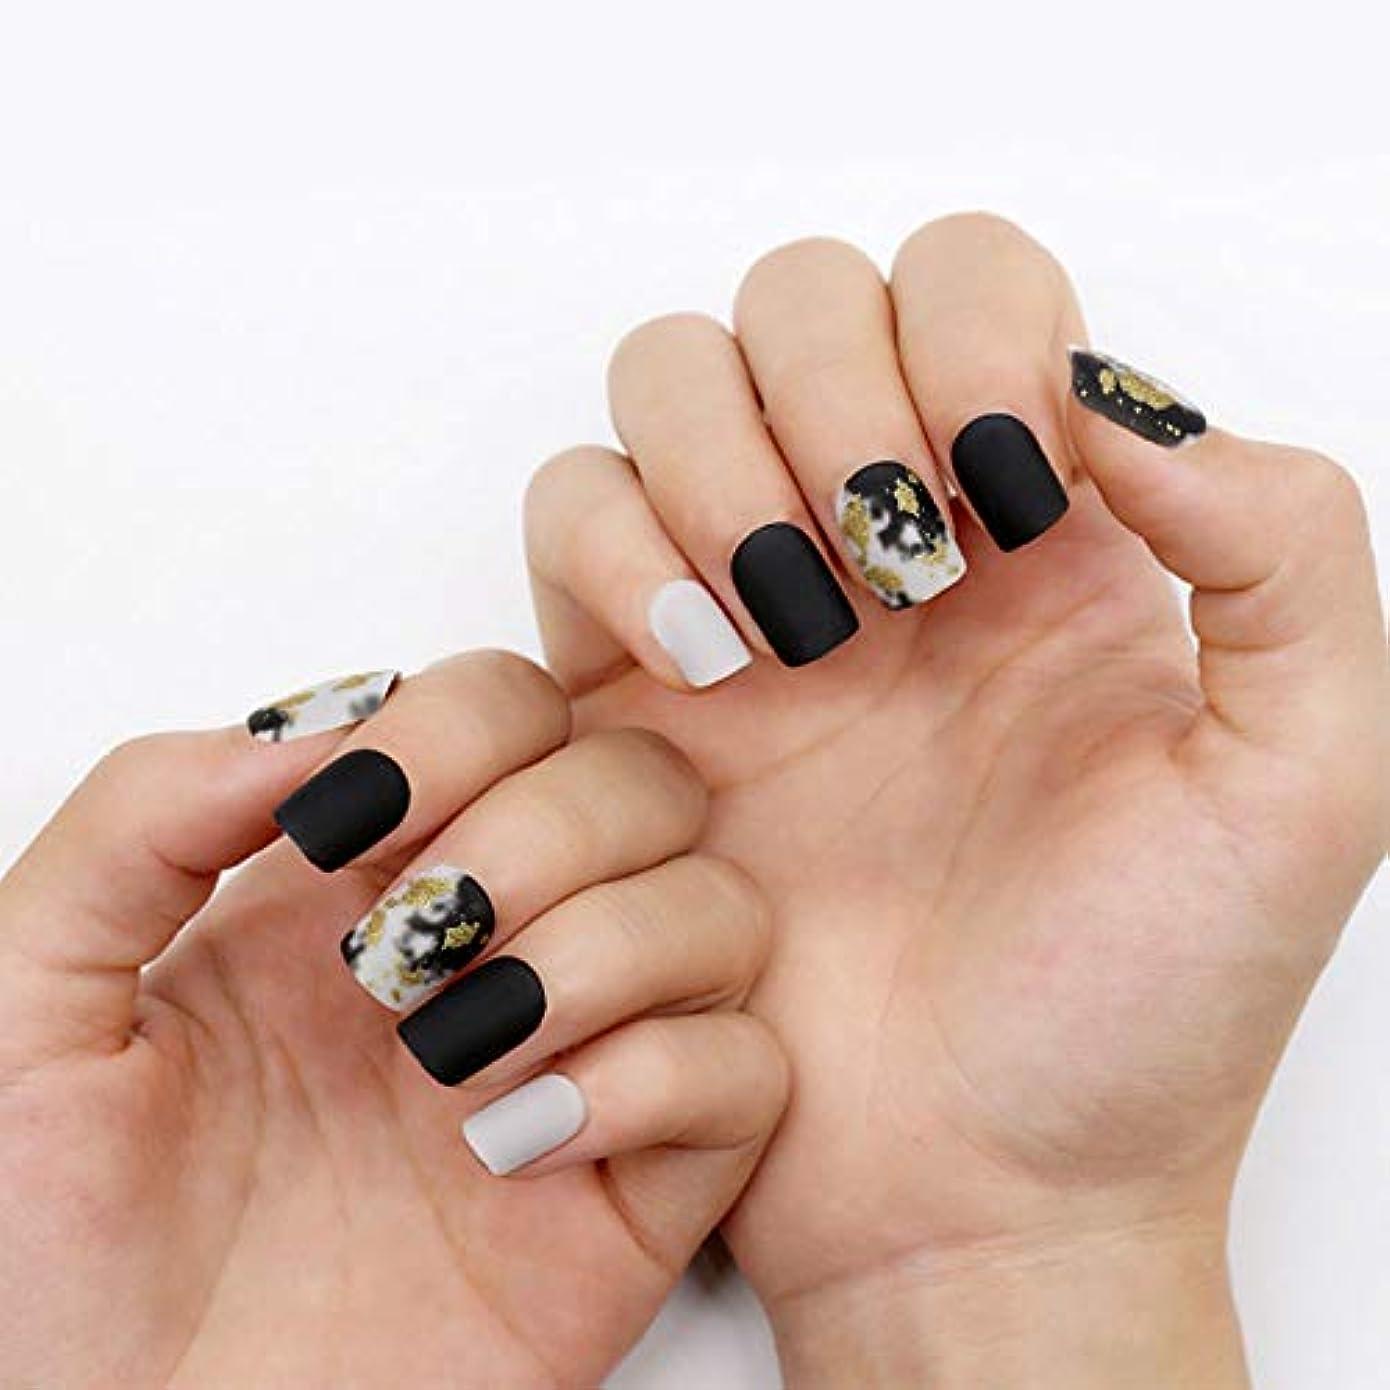 スポーツマンバーストディスカウントネイルチップ 12サイズ 夏の 優雅 黒 つけ爪 ネイル用品 ショート デコレーション 無地 付け爪